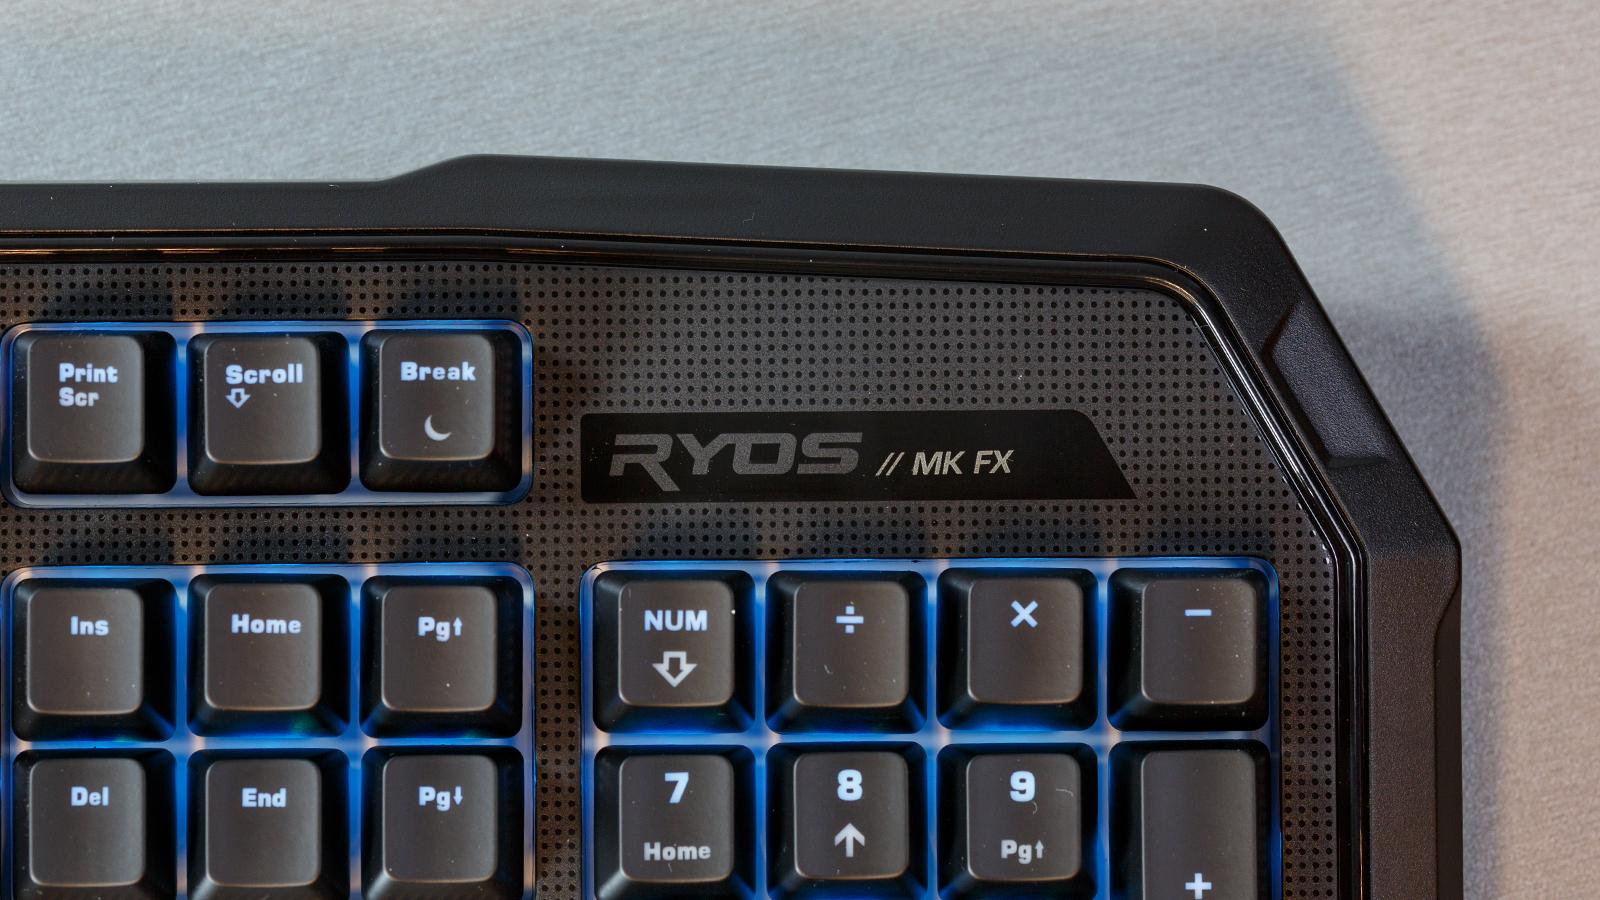 ryos-mx-fx-011-logo